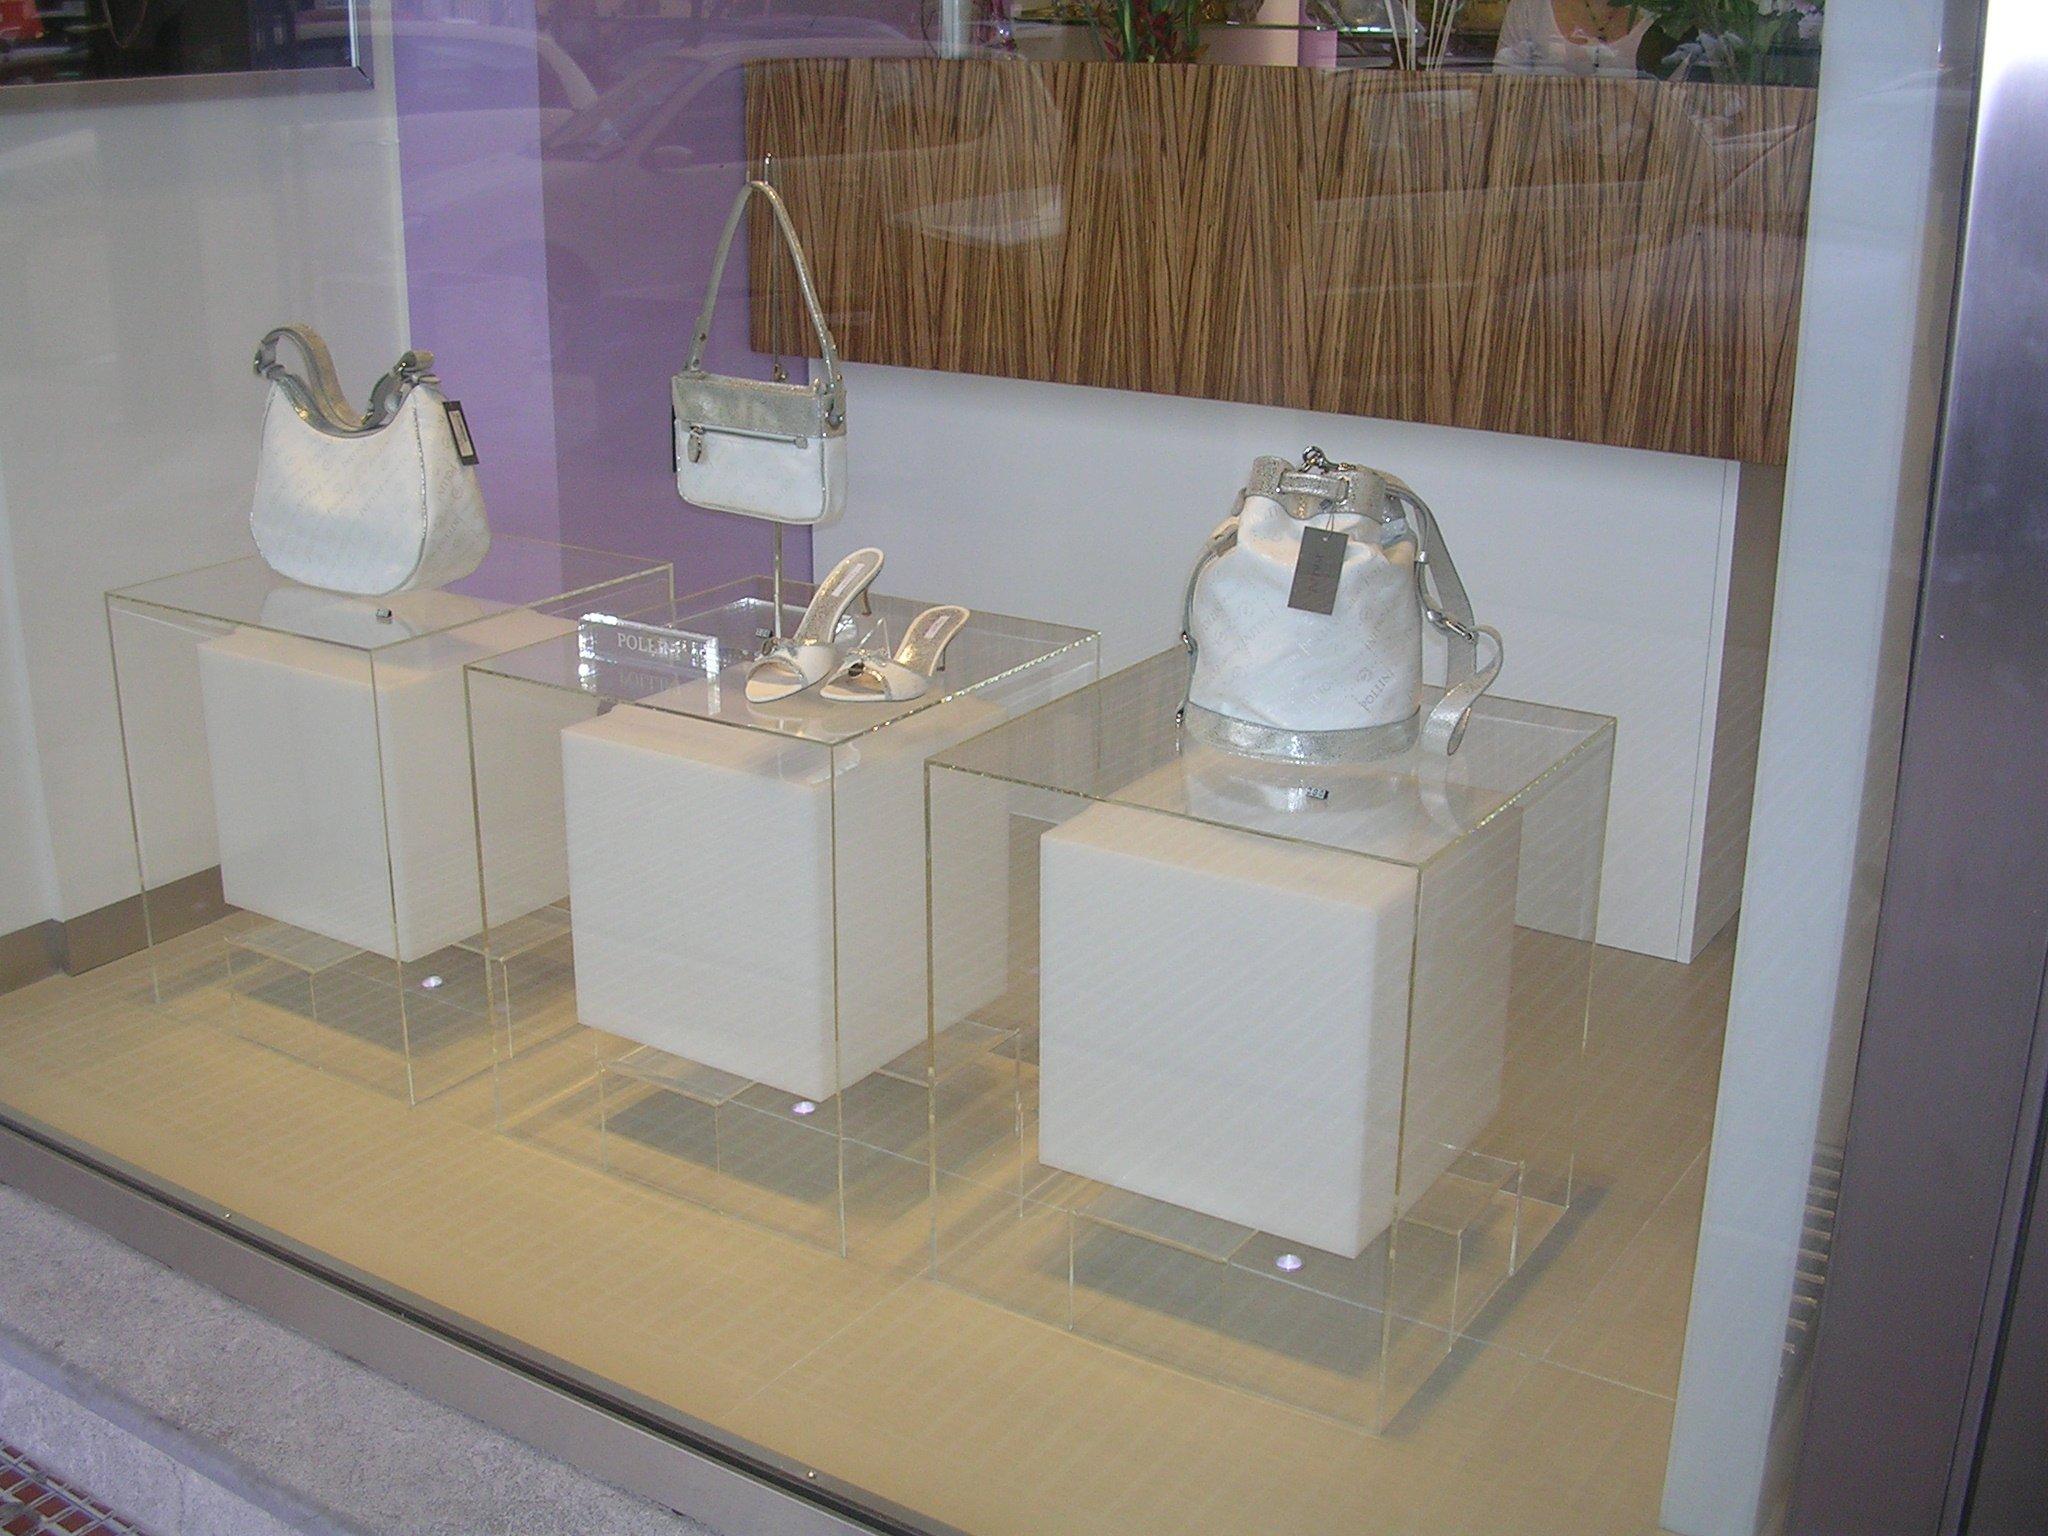 Un vetrina con delle borse di color bianco